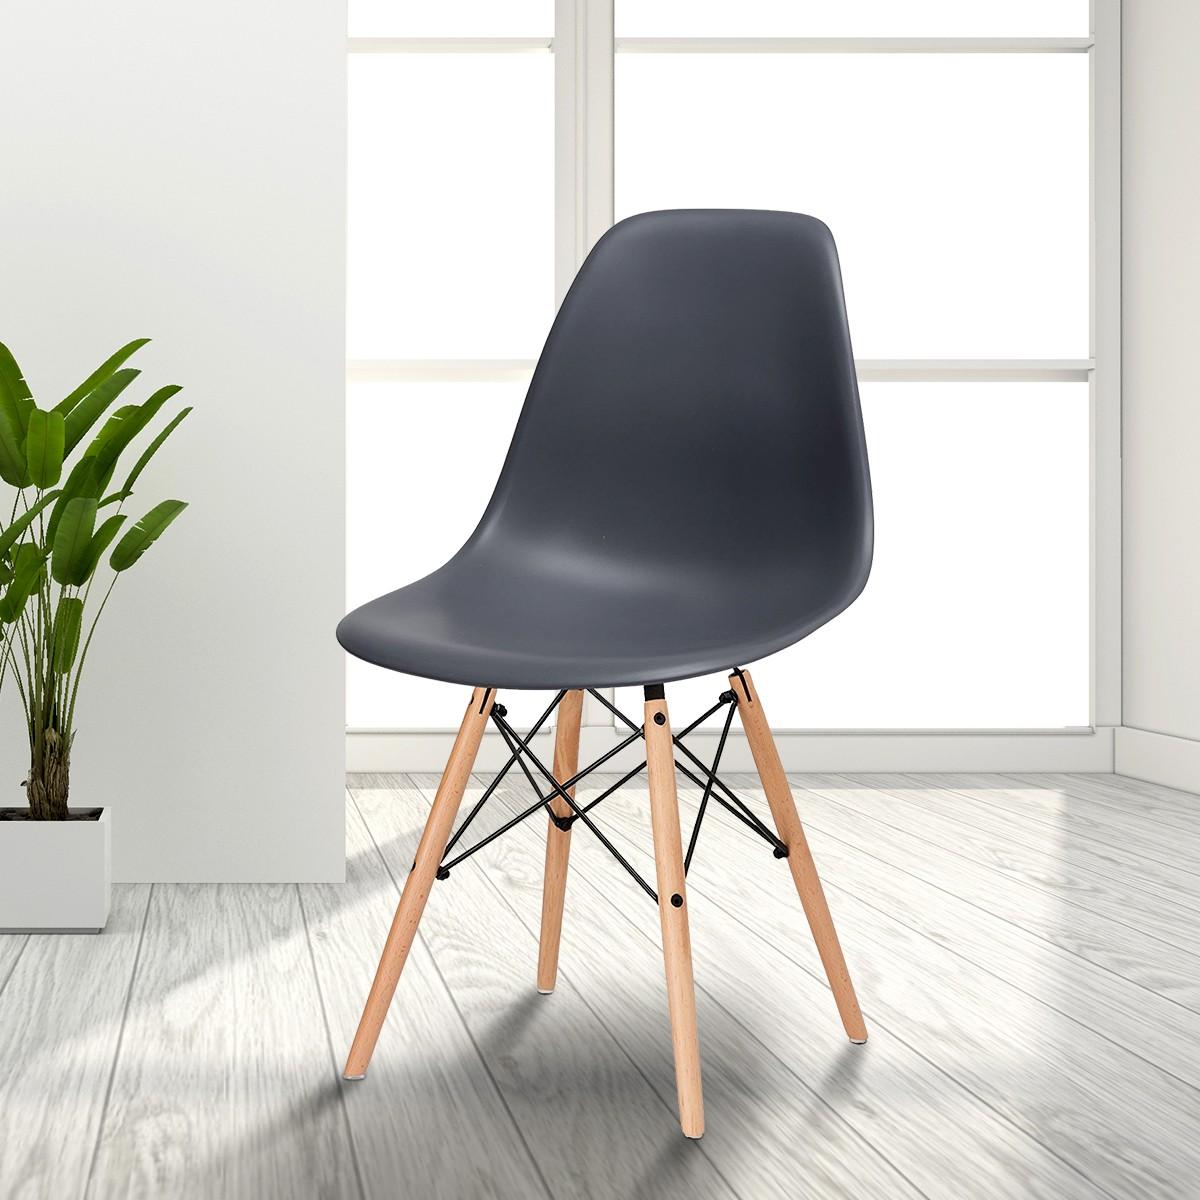 Chaise en plastique moulé grise avec pieds en bois (T811E006-GY)